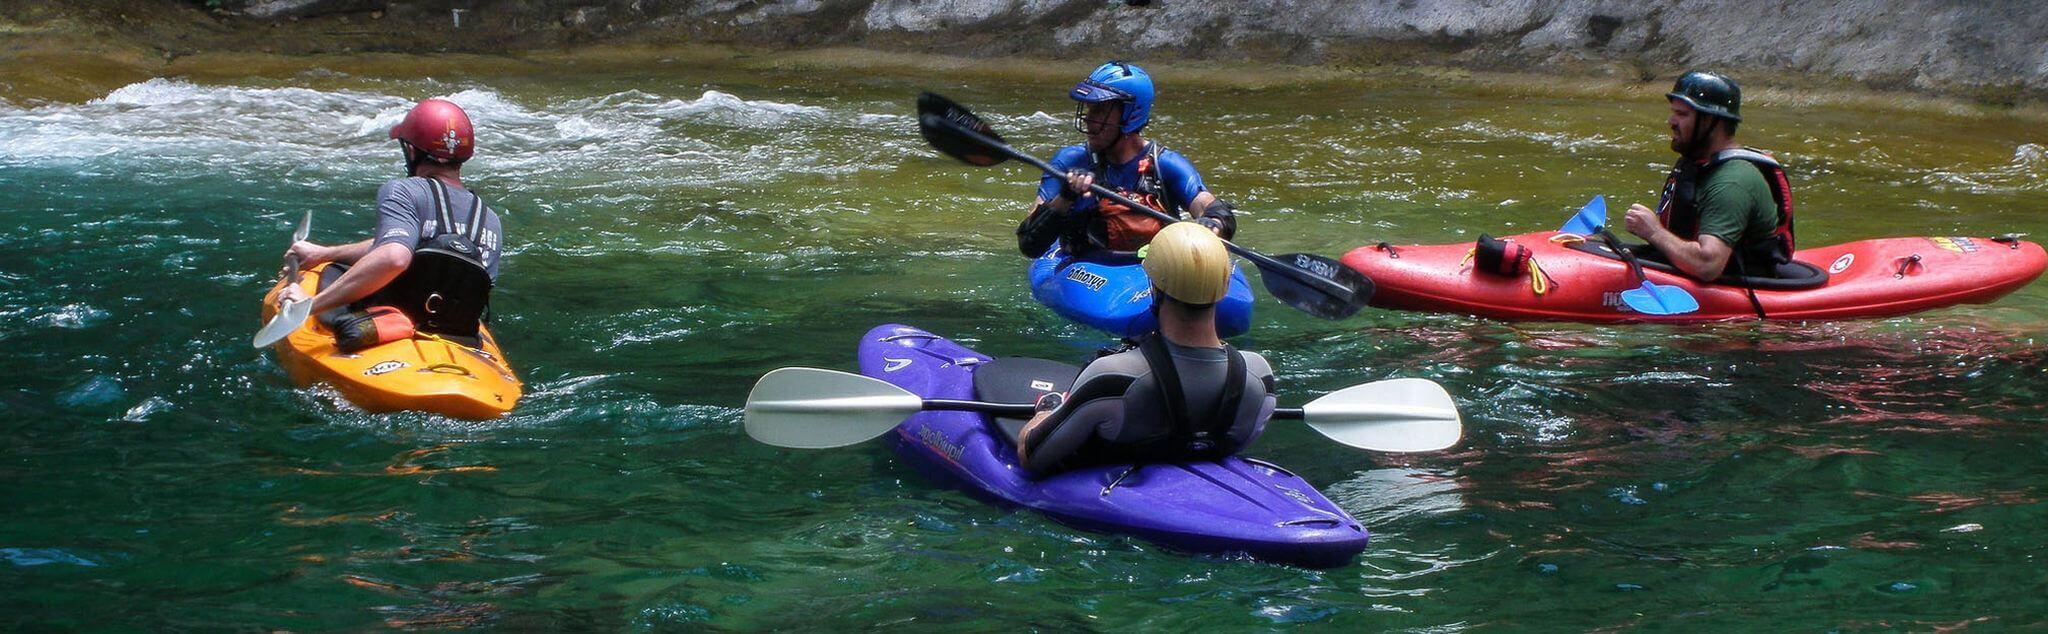 Canoe Kayak in La Paz